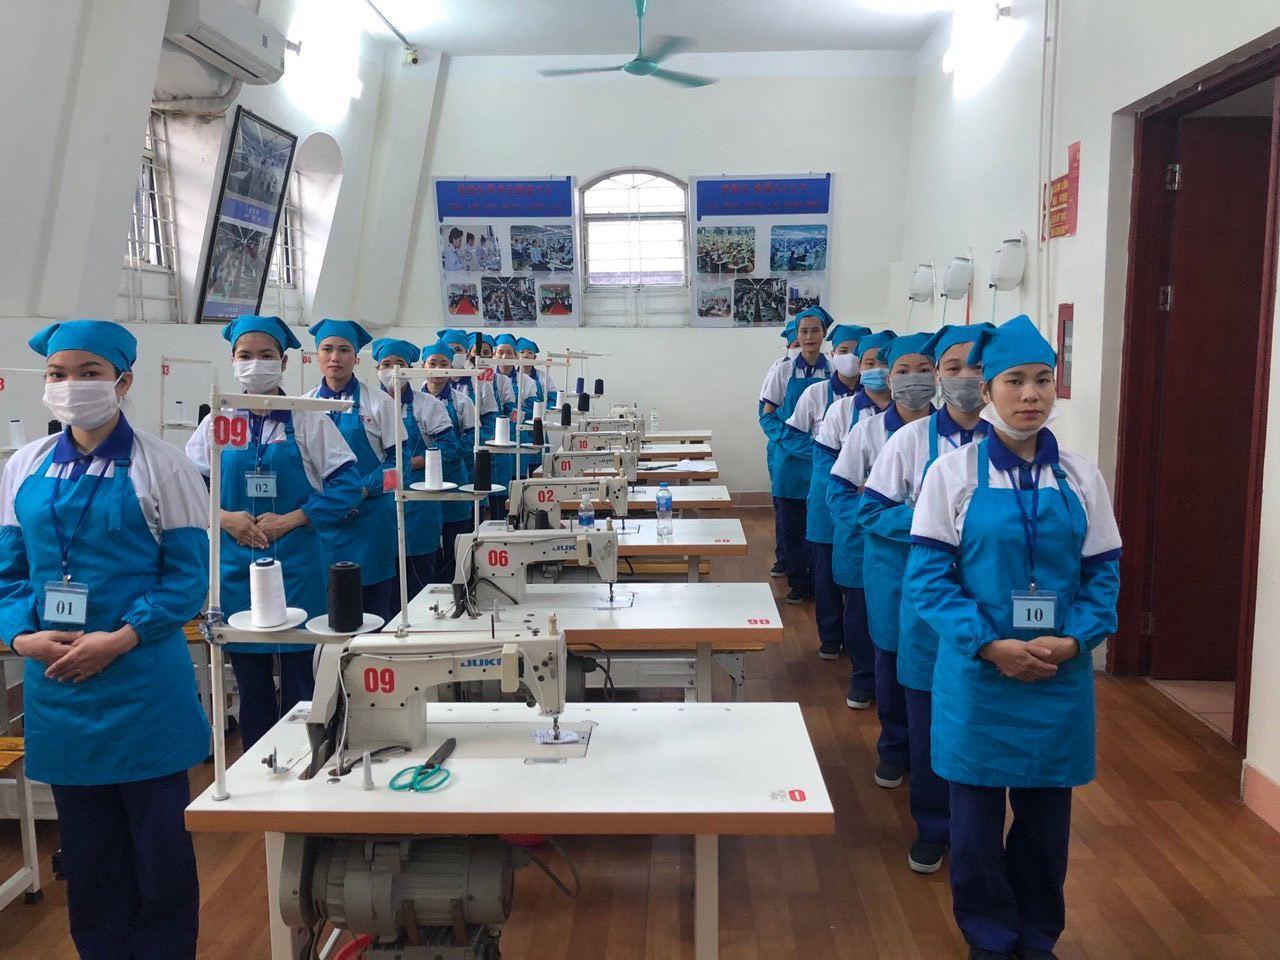 Tuyển 15 nữ đơn hàng may mặc lương 33 triệu tại Aichi